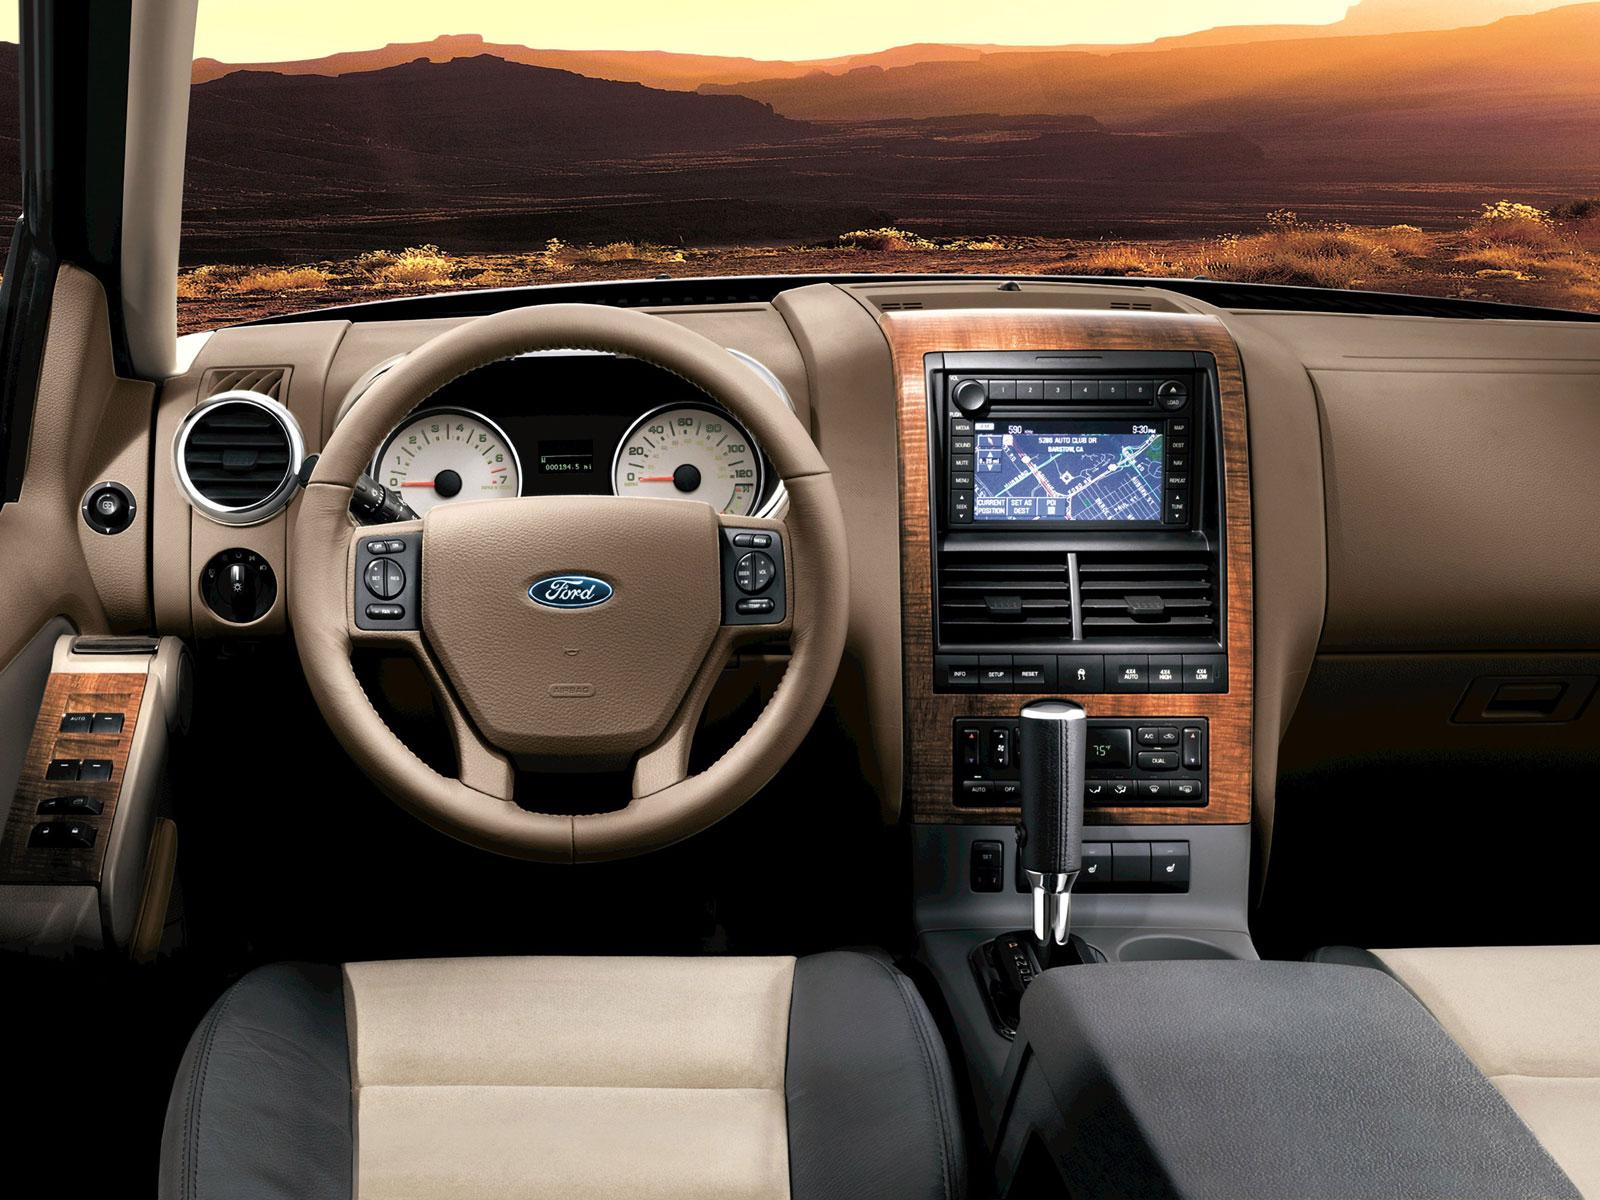 2007 Ford Explorer (c) Ford